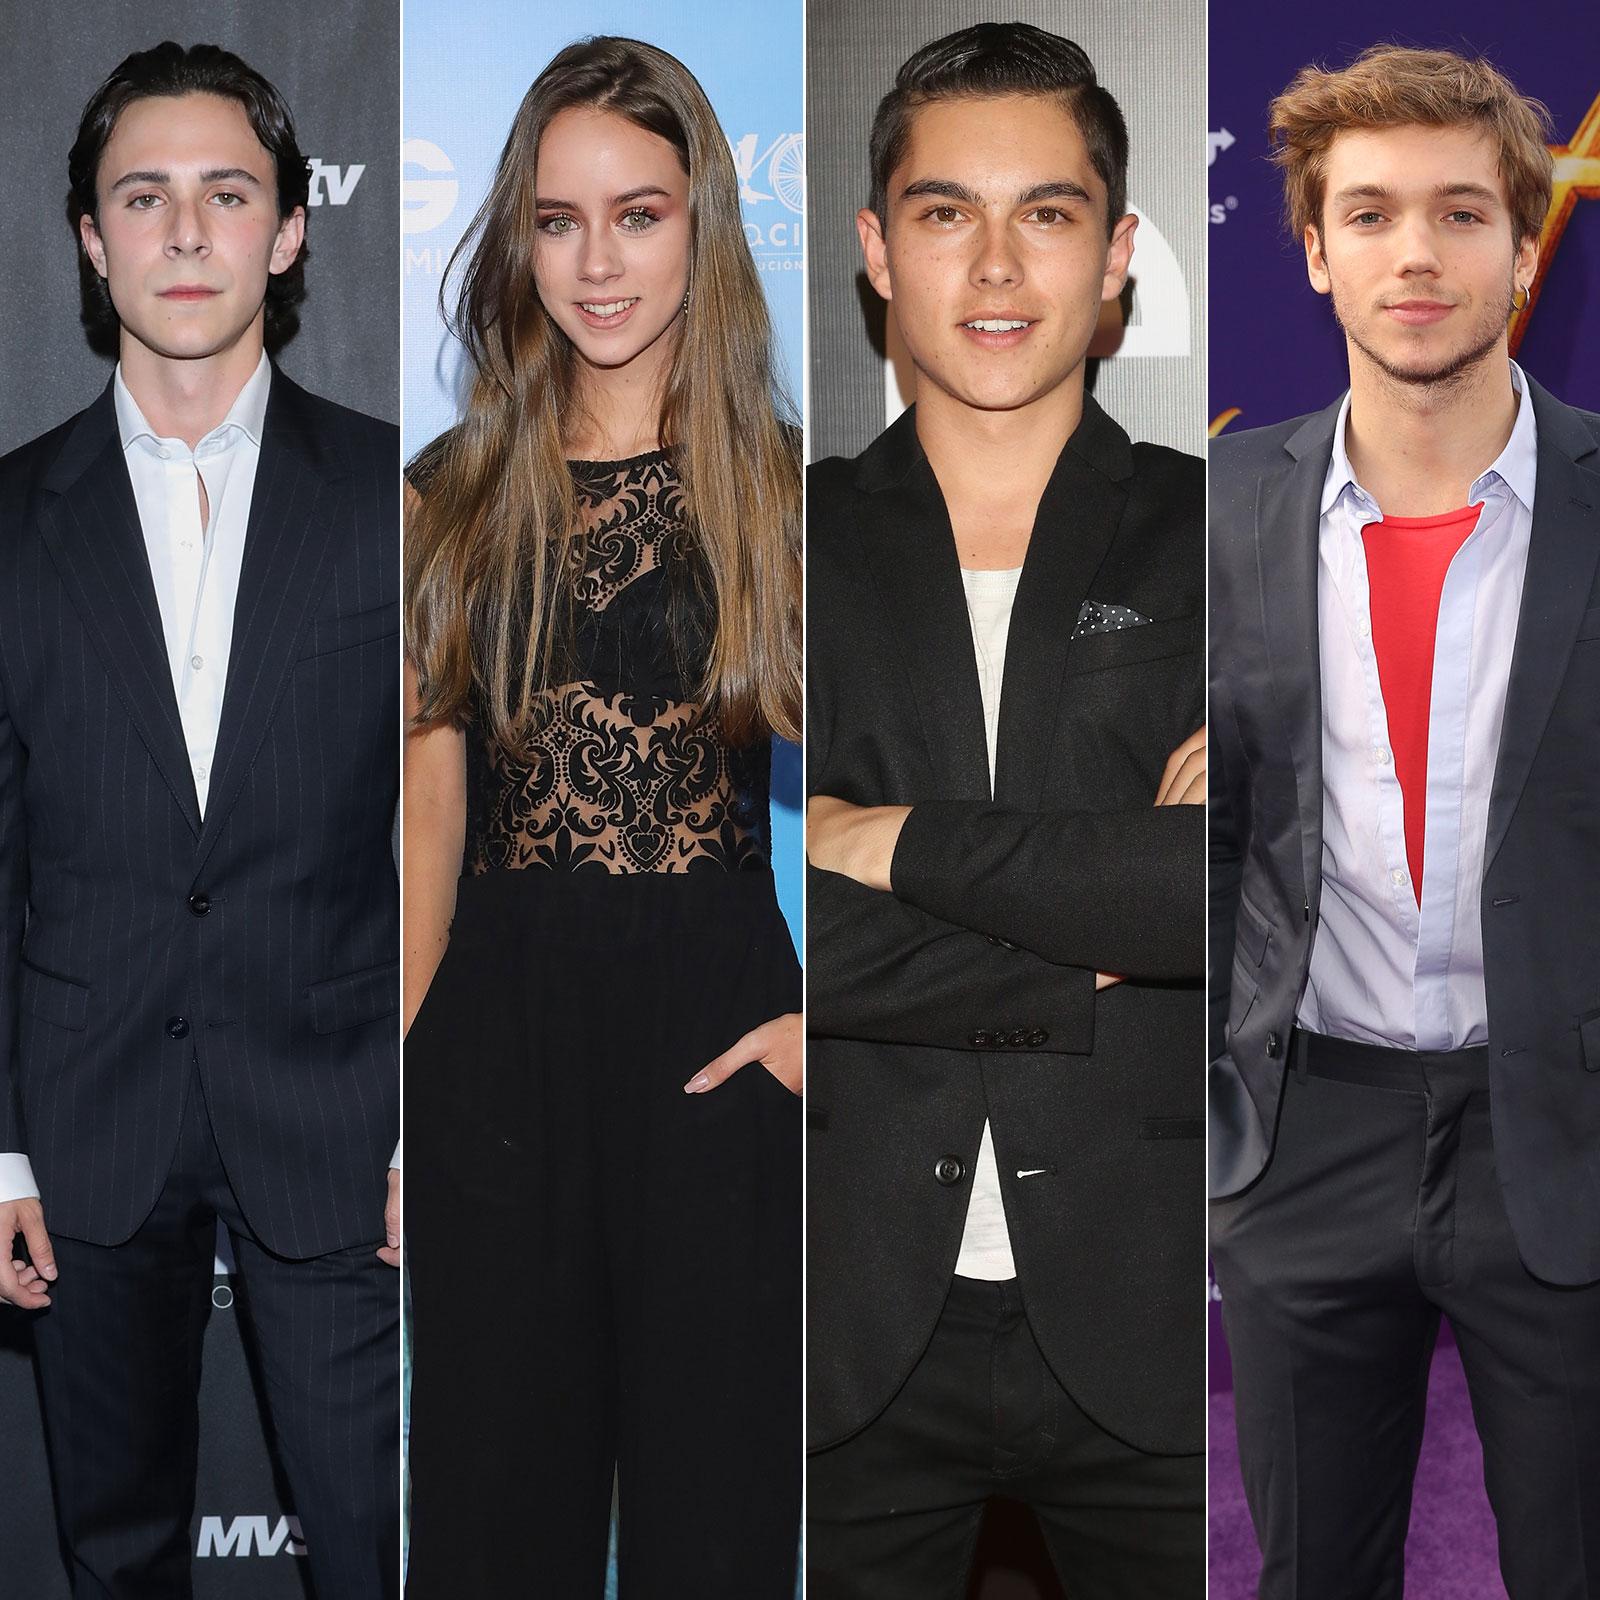 nuevos actores rebelde netflix Elite Way School Alejandro Puente, Azul Guaita, Sergio Mayer Mori, Franco Masini